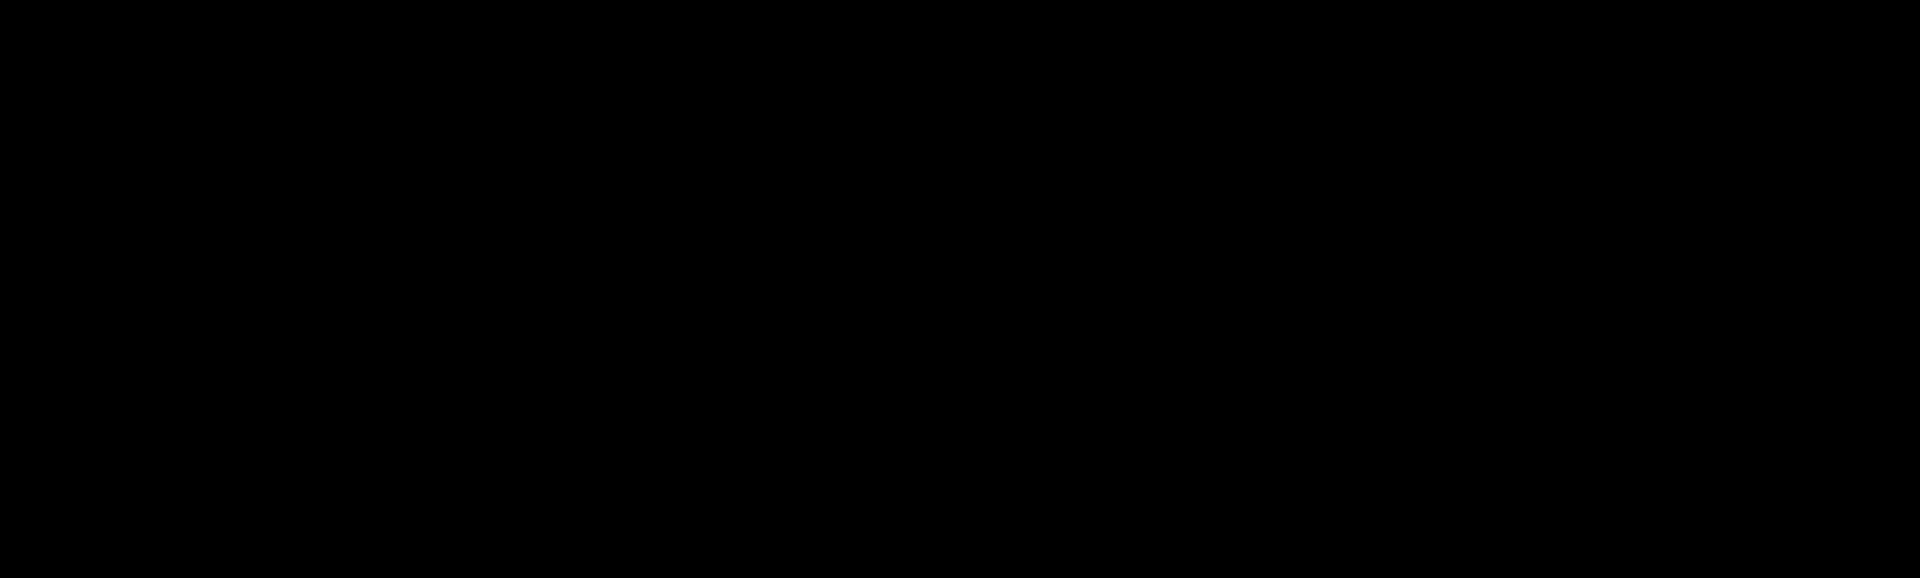 AMORTEL SHOPPING DE PEÇAS